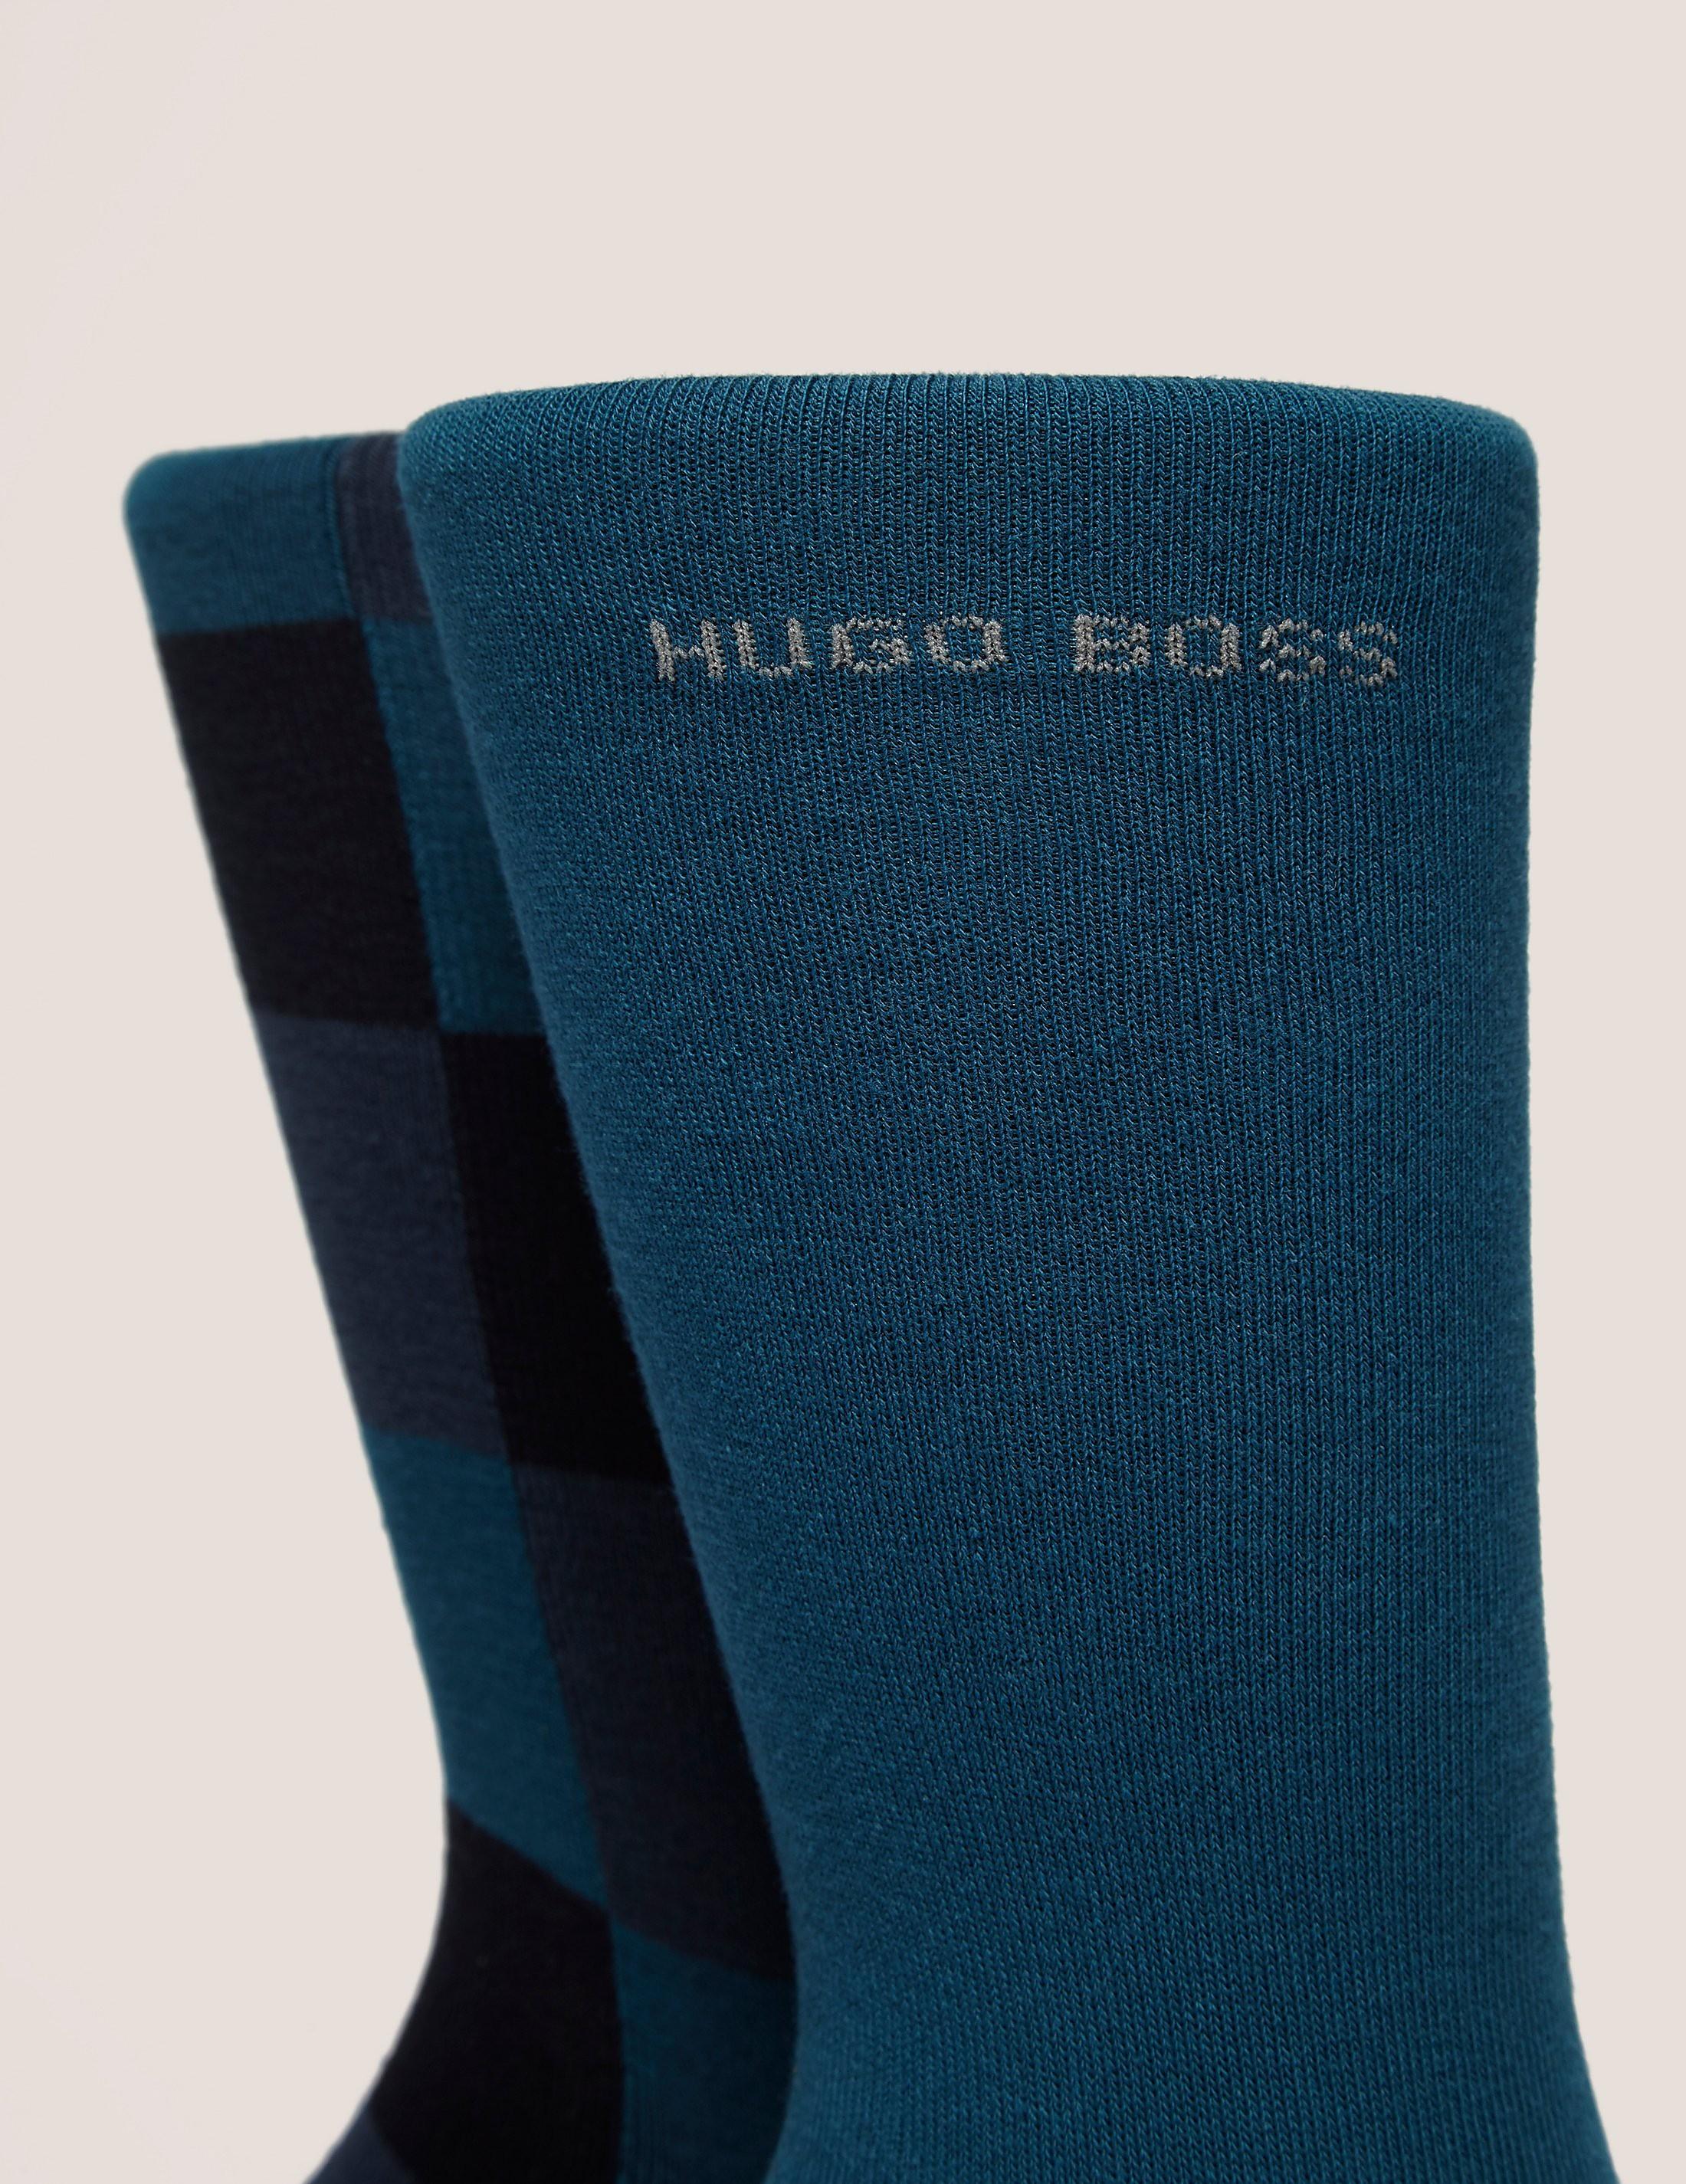 BOSS 2 Pack Socks Pack